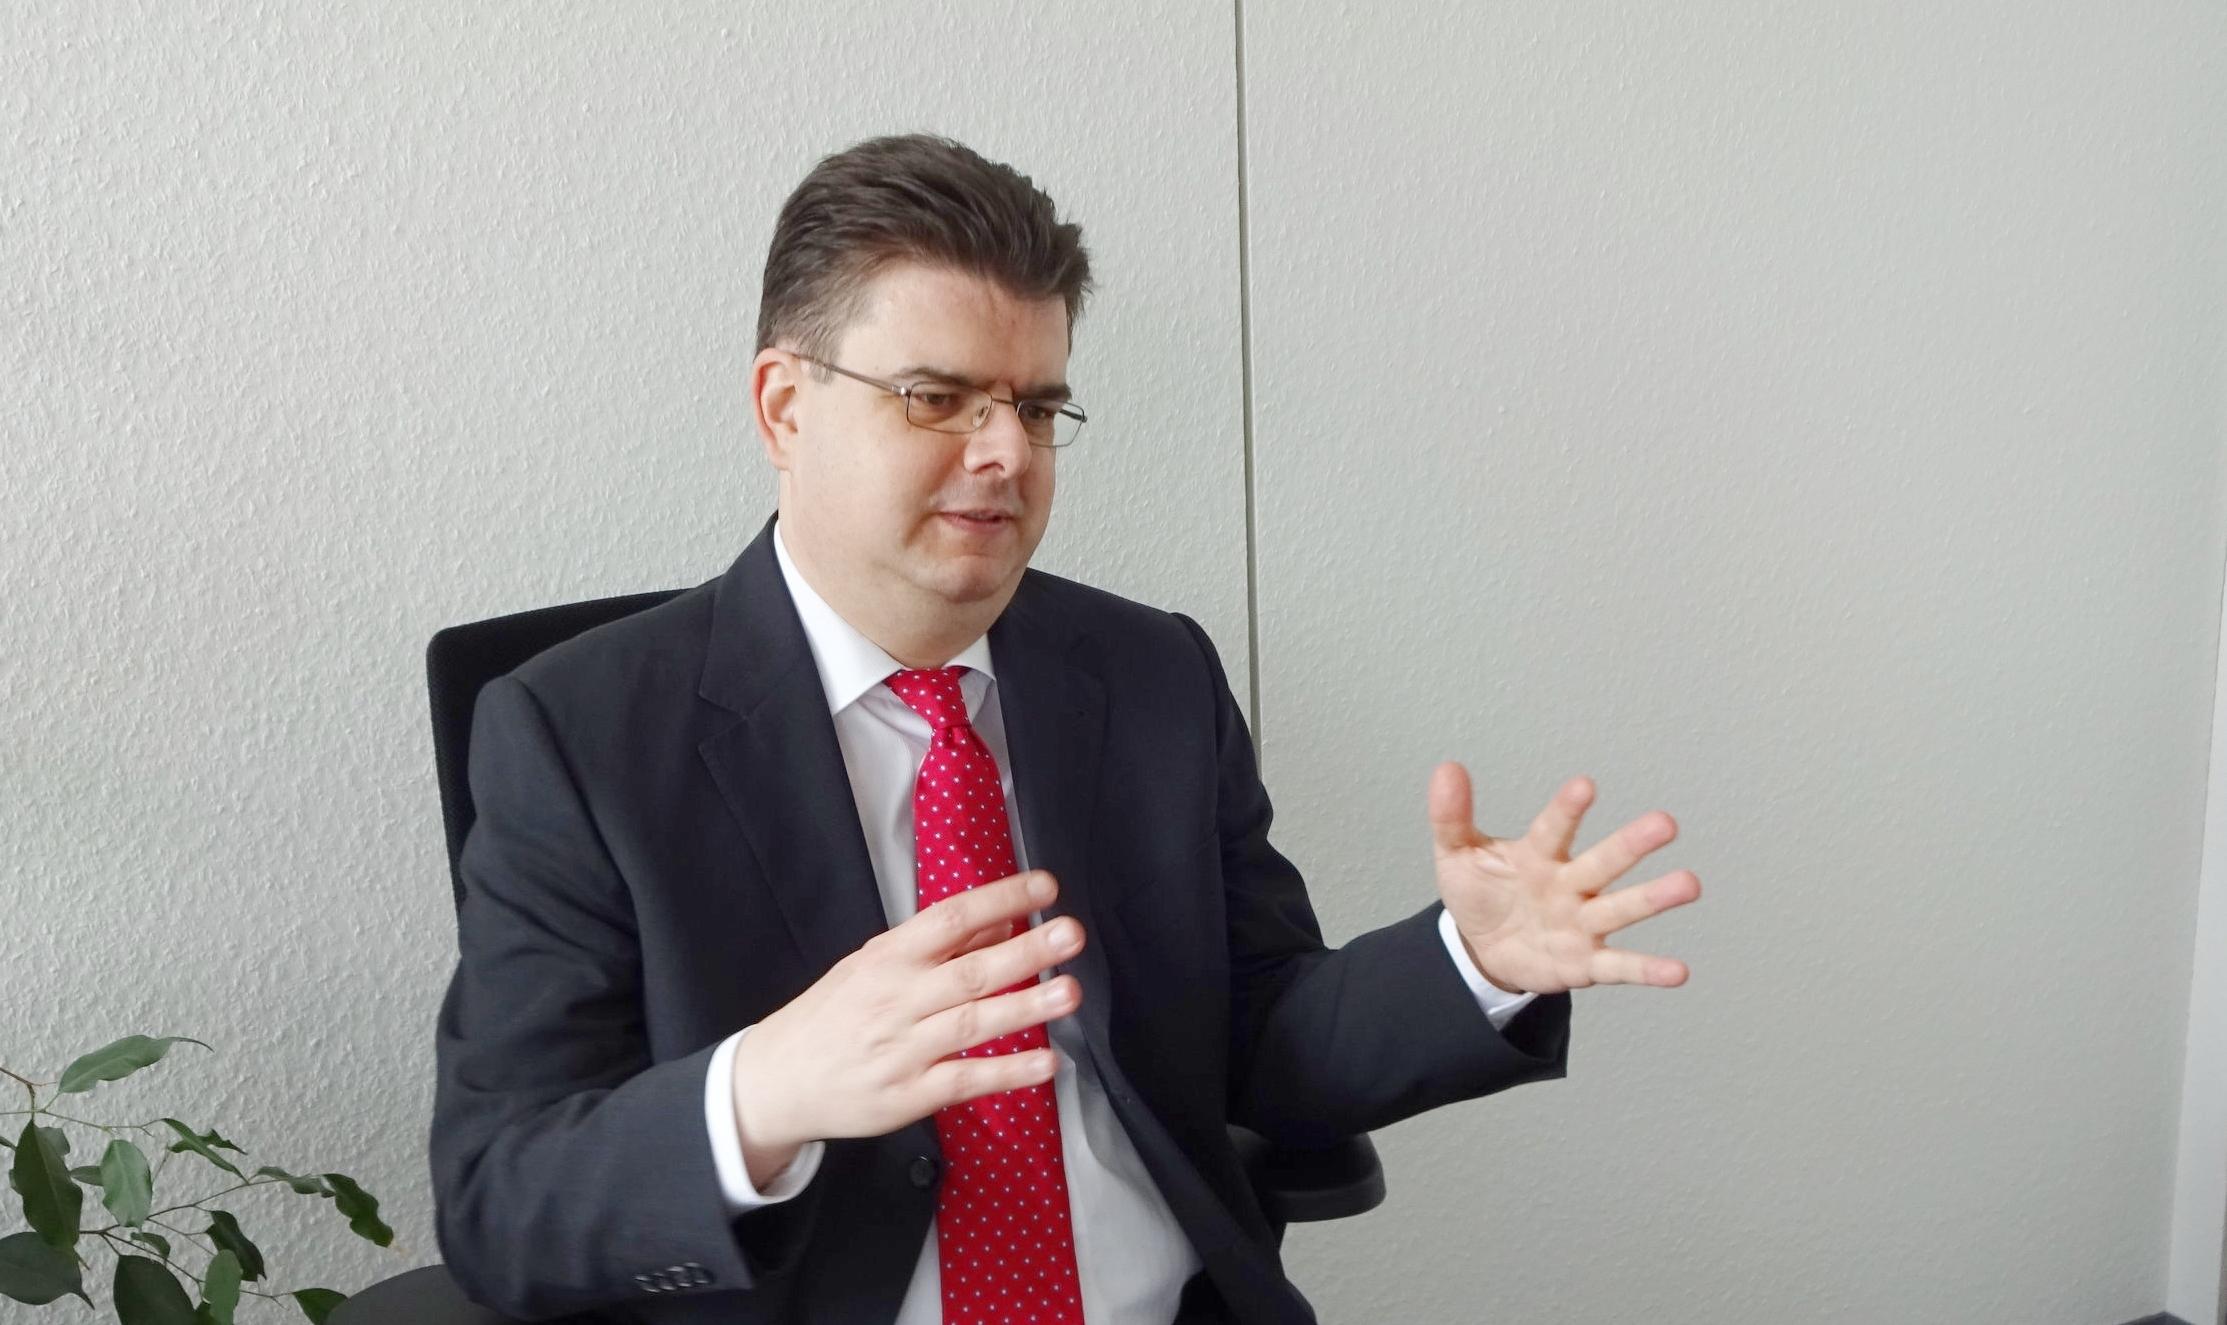 Dr. Thomas Wendel - hat an der Universität Bonn in Kernphysik promoviert und zusätzlich Wirtschaftswissenschaften studiert. Sein technischer Background wird ergänzt durch langjährige Erfahrung in der Strategie- und Personalberatung sowie der interkulturellen Zusammenarbeit